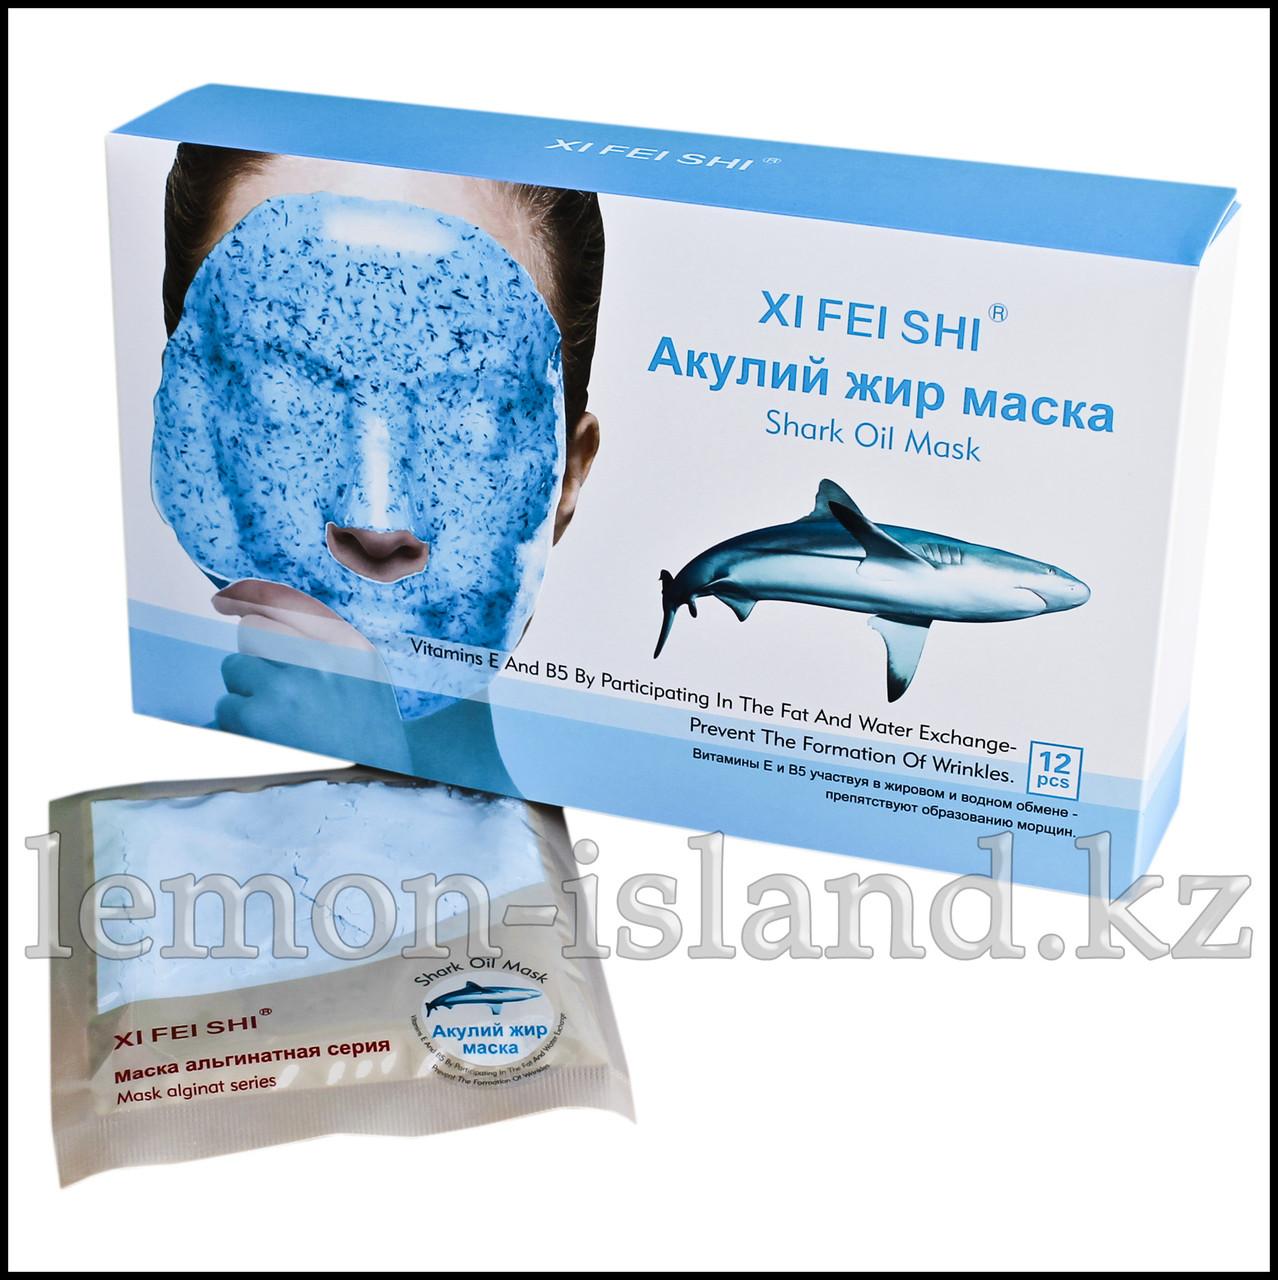 Маска альгинатная для лица Xi Fei Shi с акульим жиром.